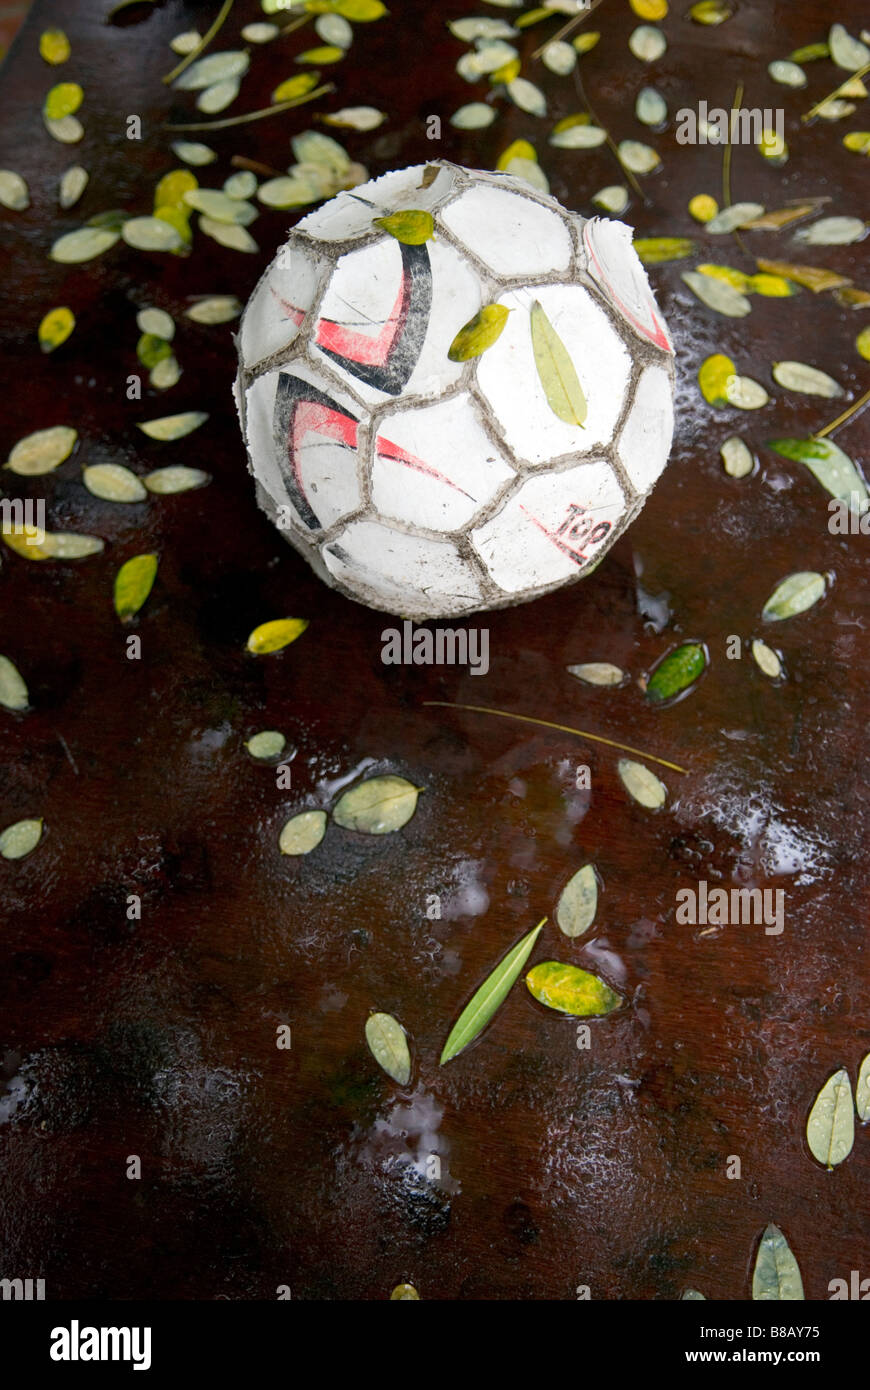 ein gut getragen verwendet deflationiert Fußball im Regen auf einem Tisch, umgeben von Laub Stockbild